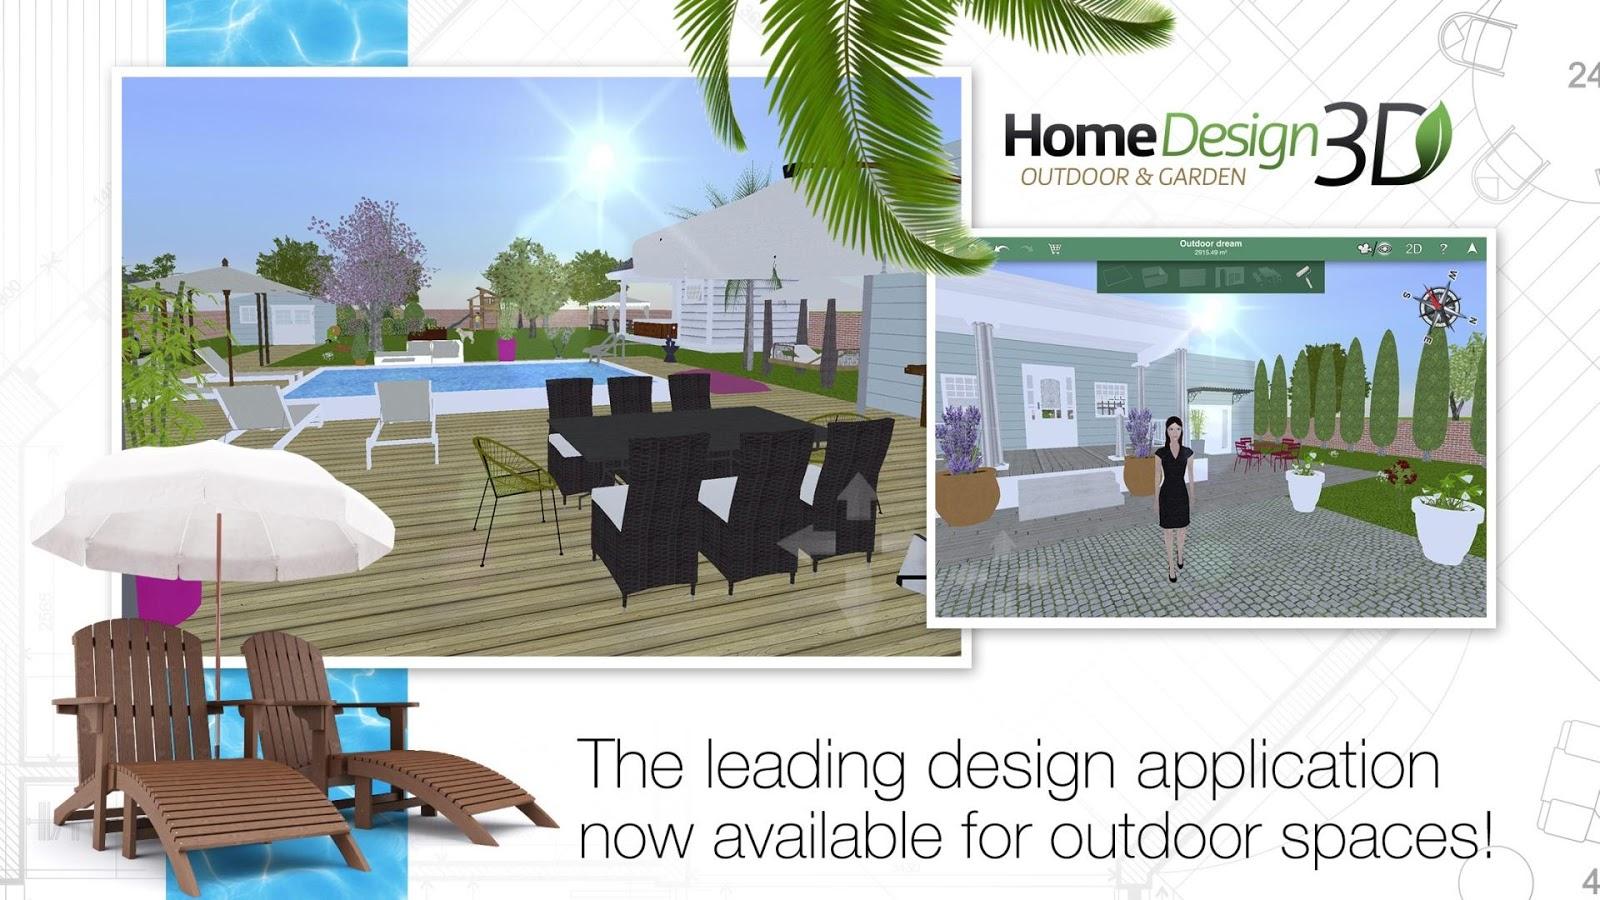 HD3D Outdoor In Cafe Bazaar For Android · Cafe Bazaar